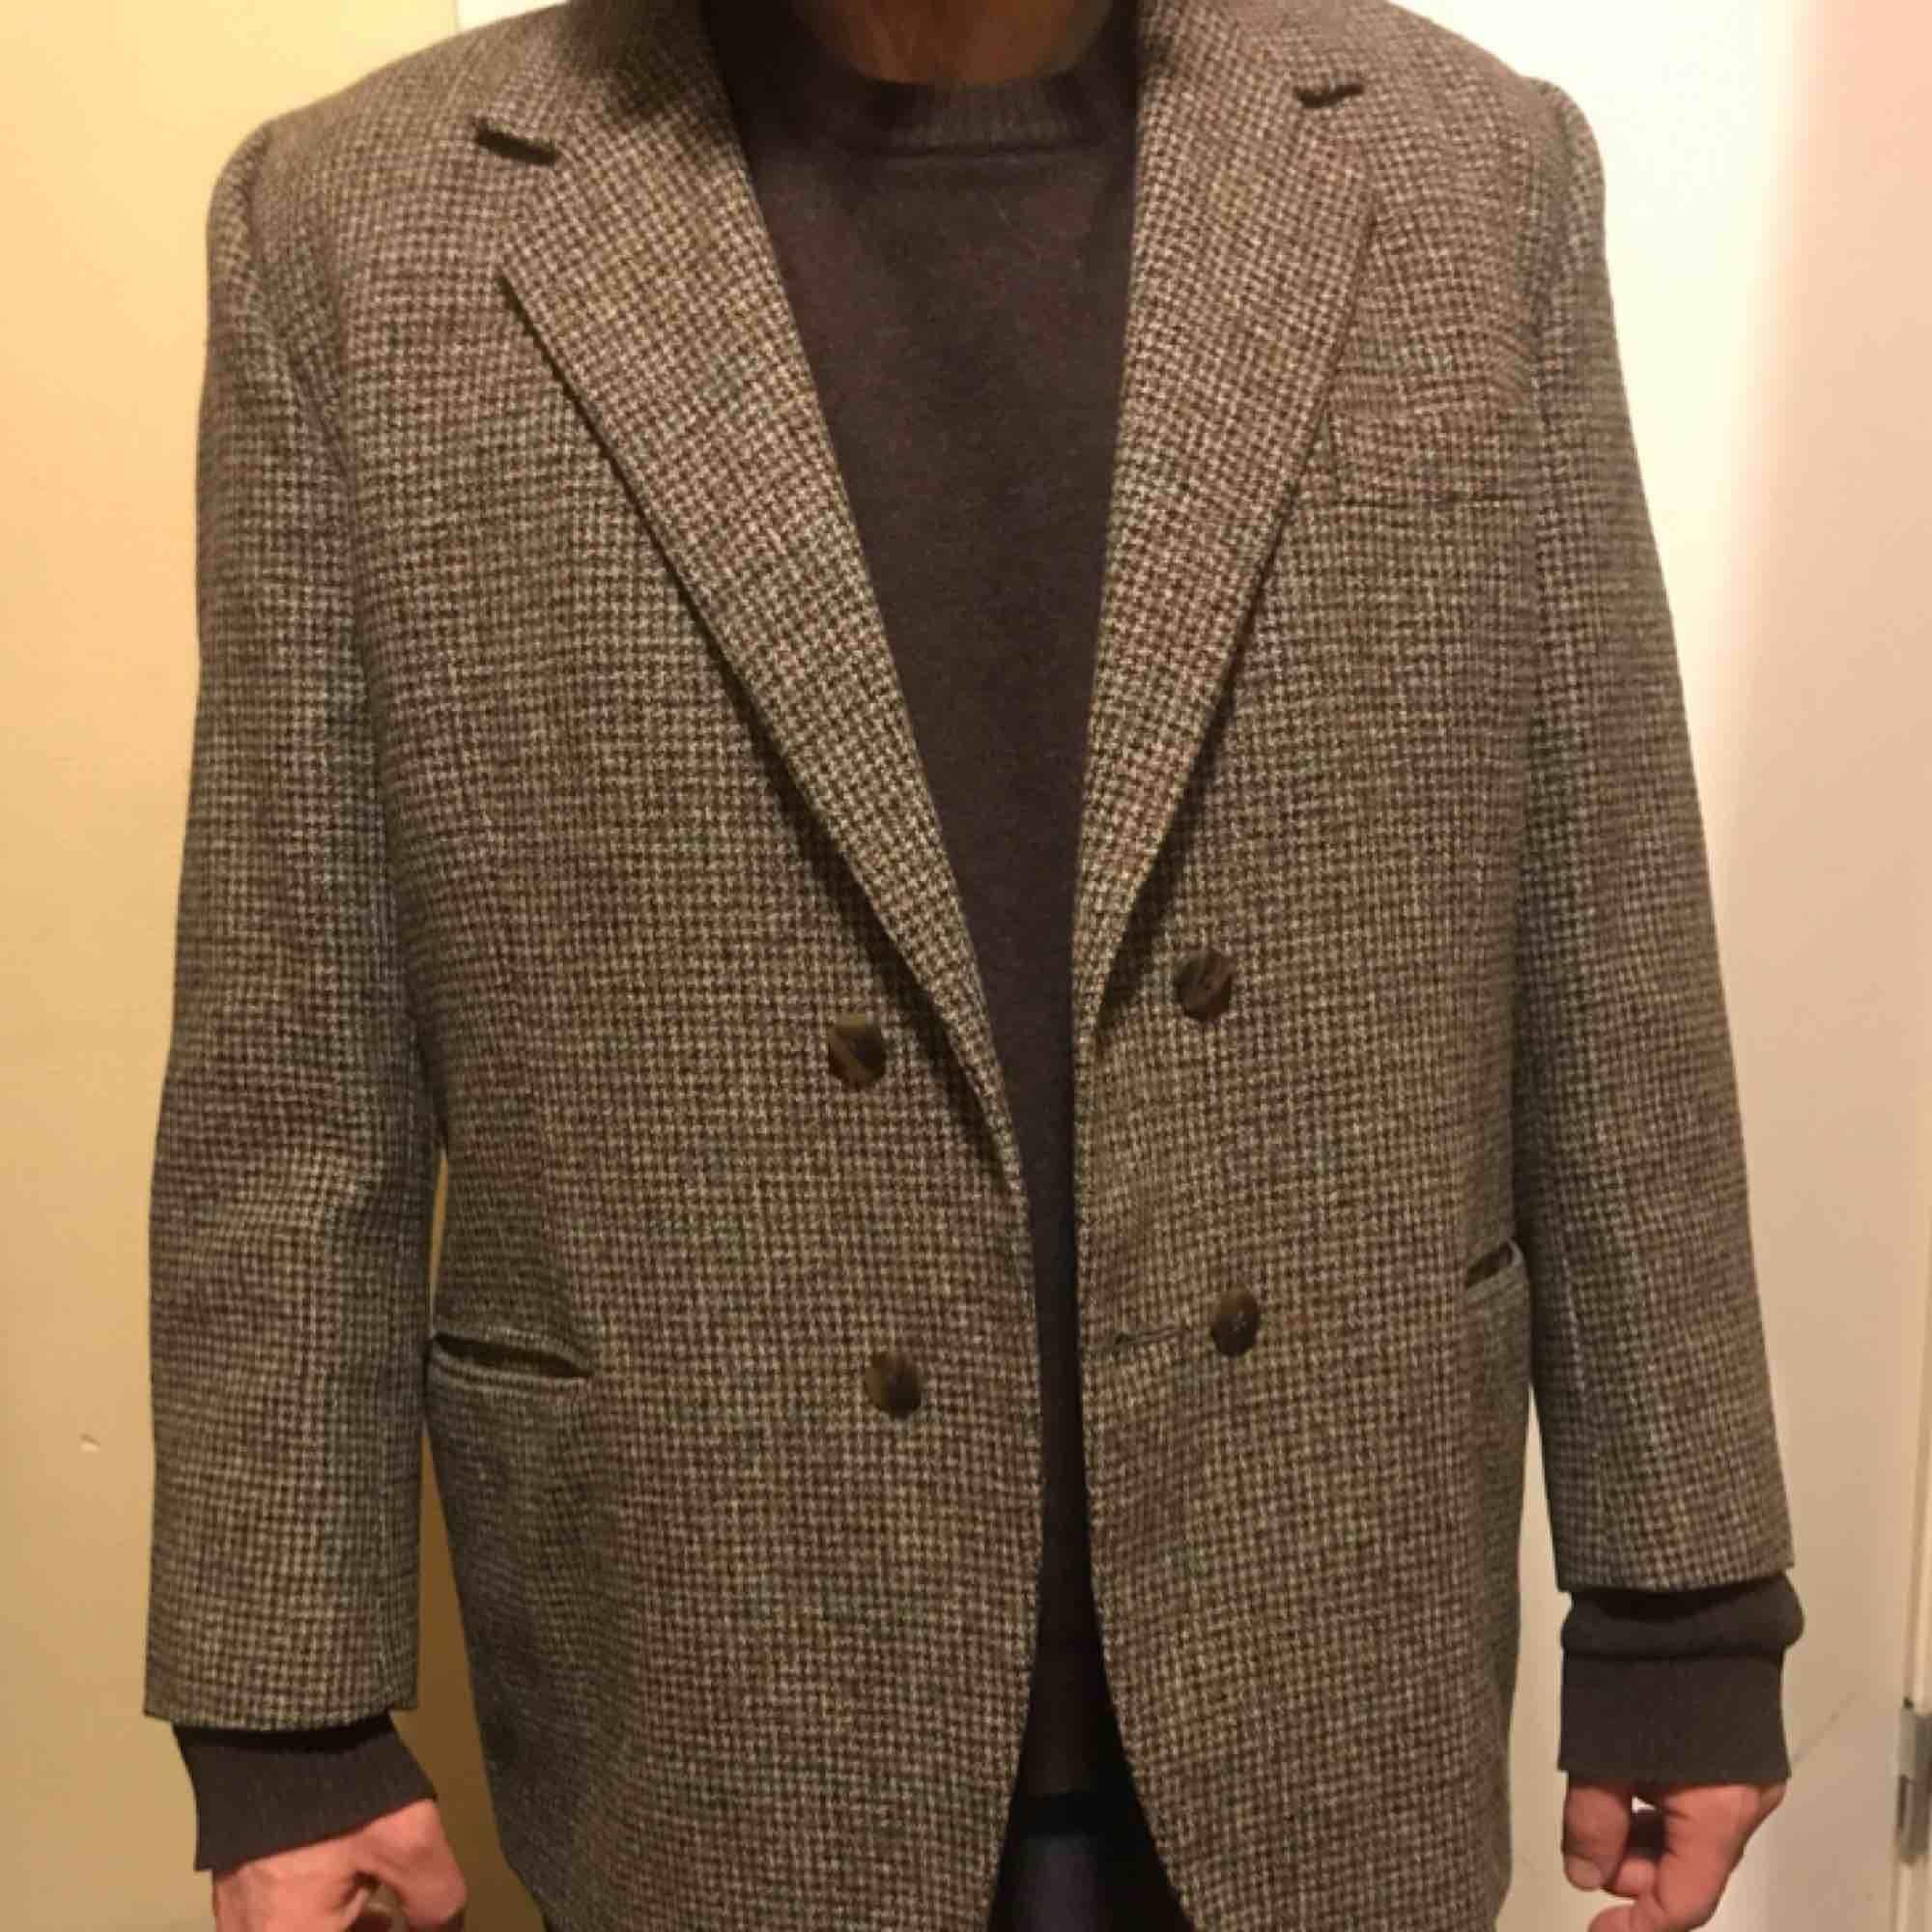 Harethorn Tweed 100% ull svartgrått, ljusgrått, mellangrått, grönt diskret rutigt Passar 160-170cm med större mage Över axlarna som stl.48-50 (jag väger 68kg) 108cm över magen Falskt dubbelknäppt, kan sprättas bort. Jackor.